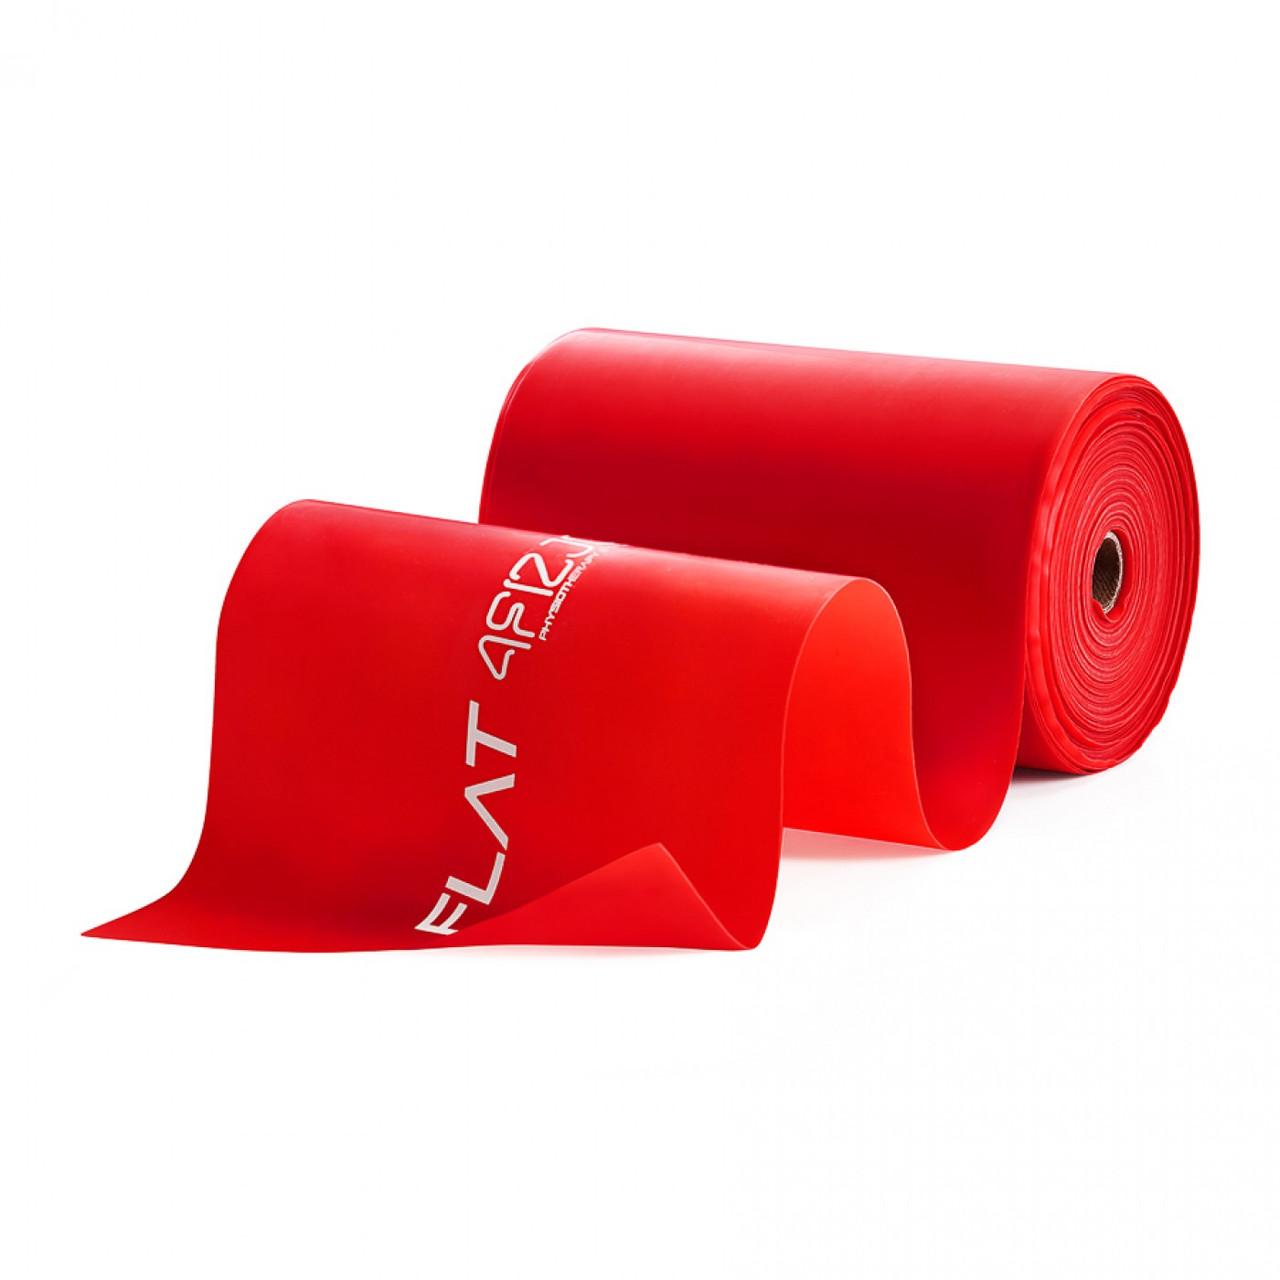 Стрічка-еспандер для спорту і реабілітації 4FIZJO Flat Band 30 м 2-4 кг 4FJ0102